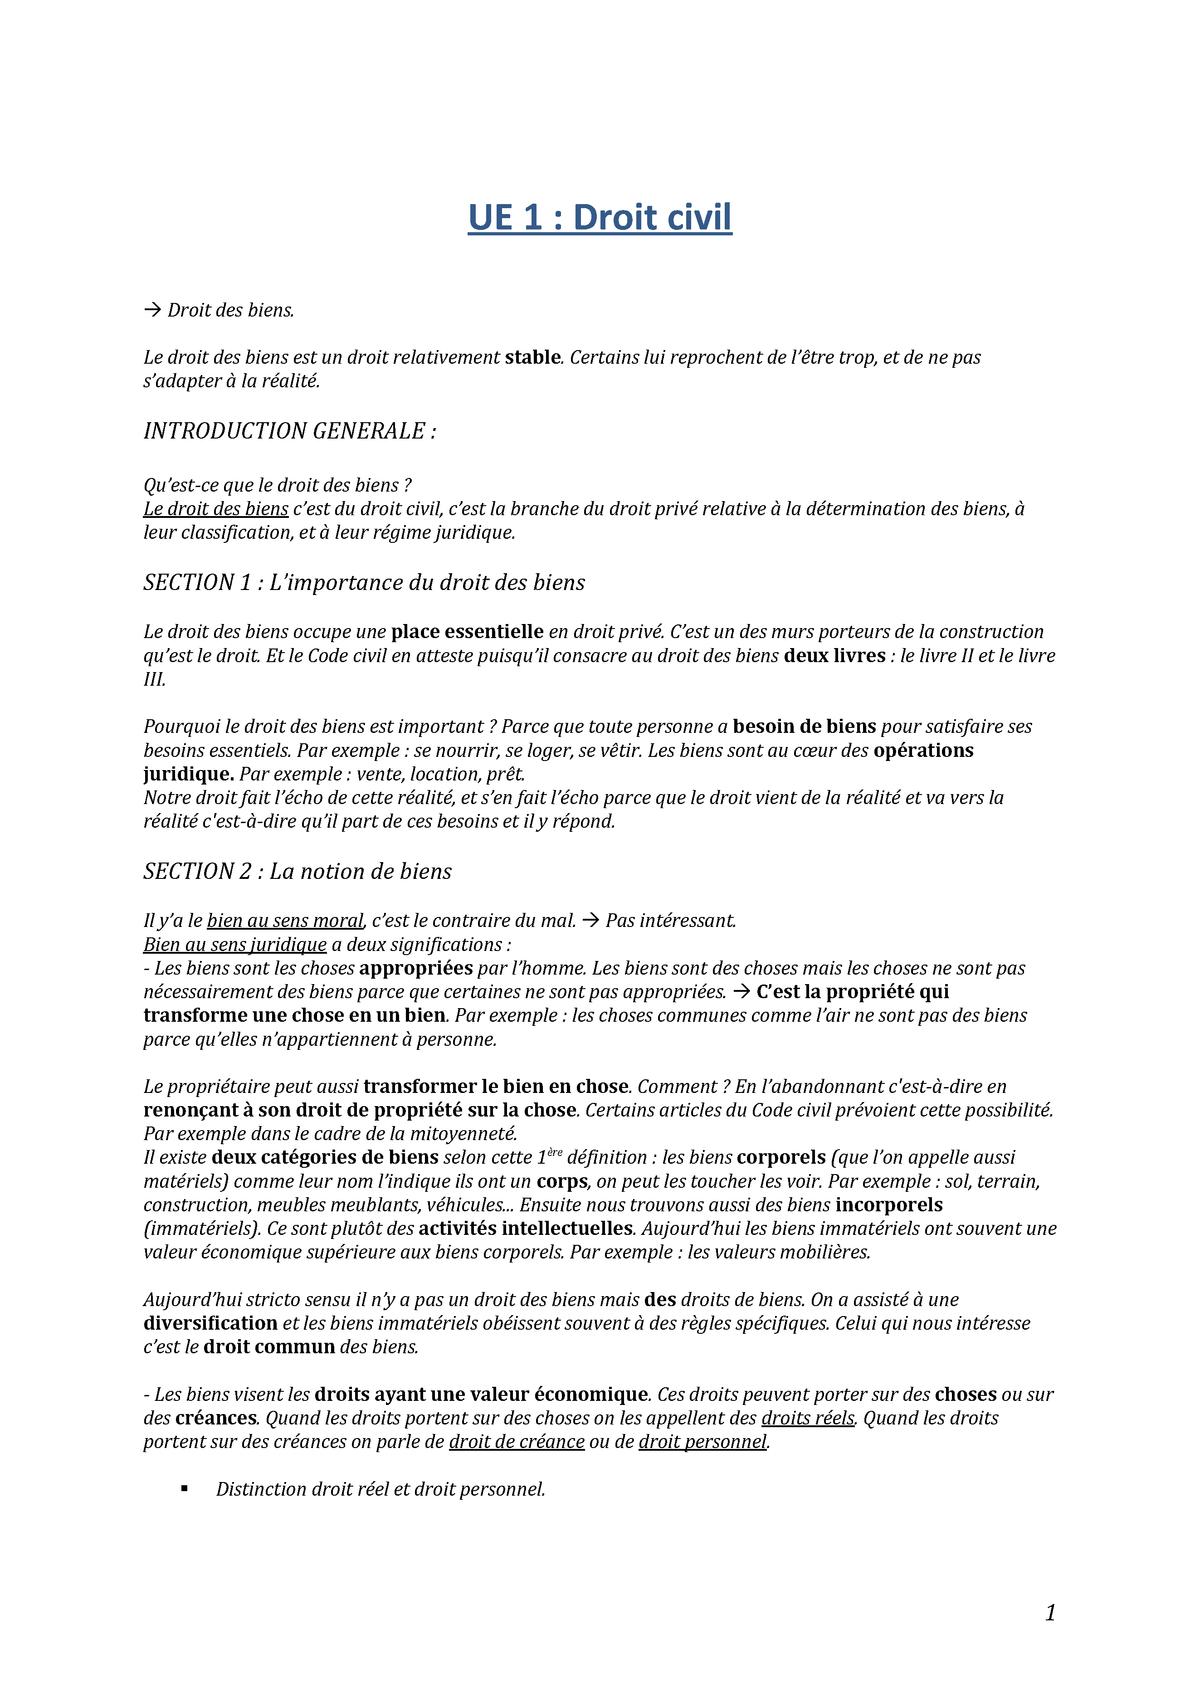 Droit Civil Des Biens Cours Enseigne Par Madame Corinne Beringuie Calmels Ue Studocu